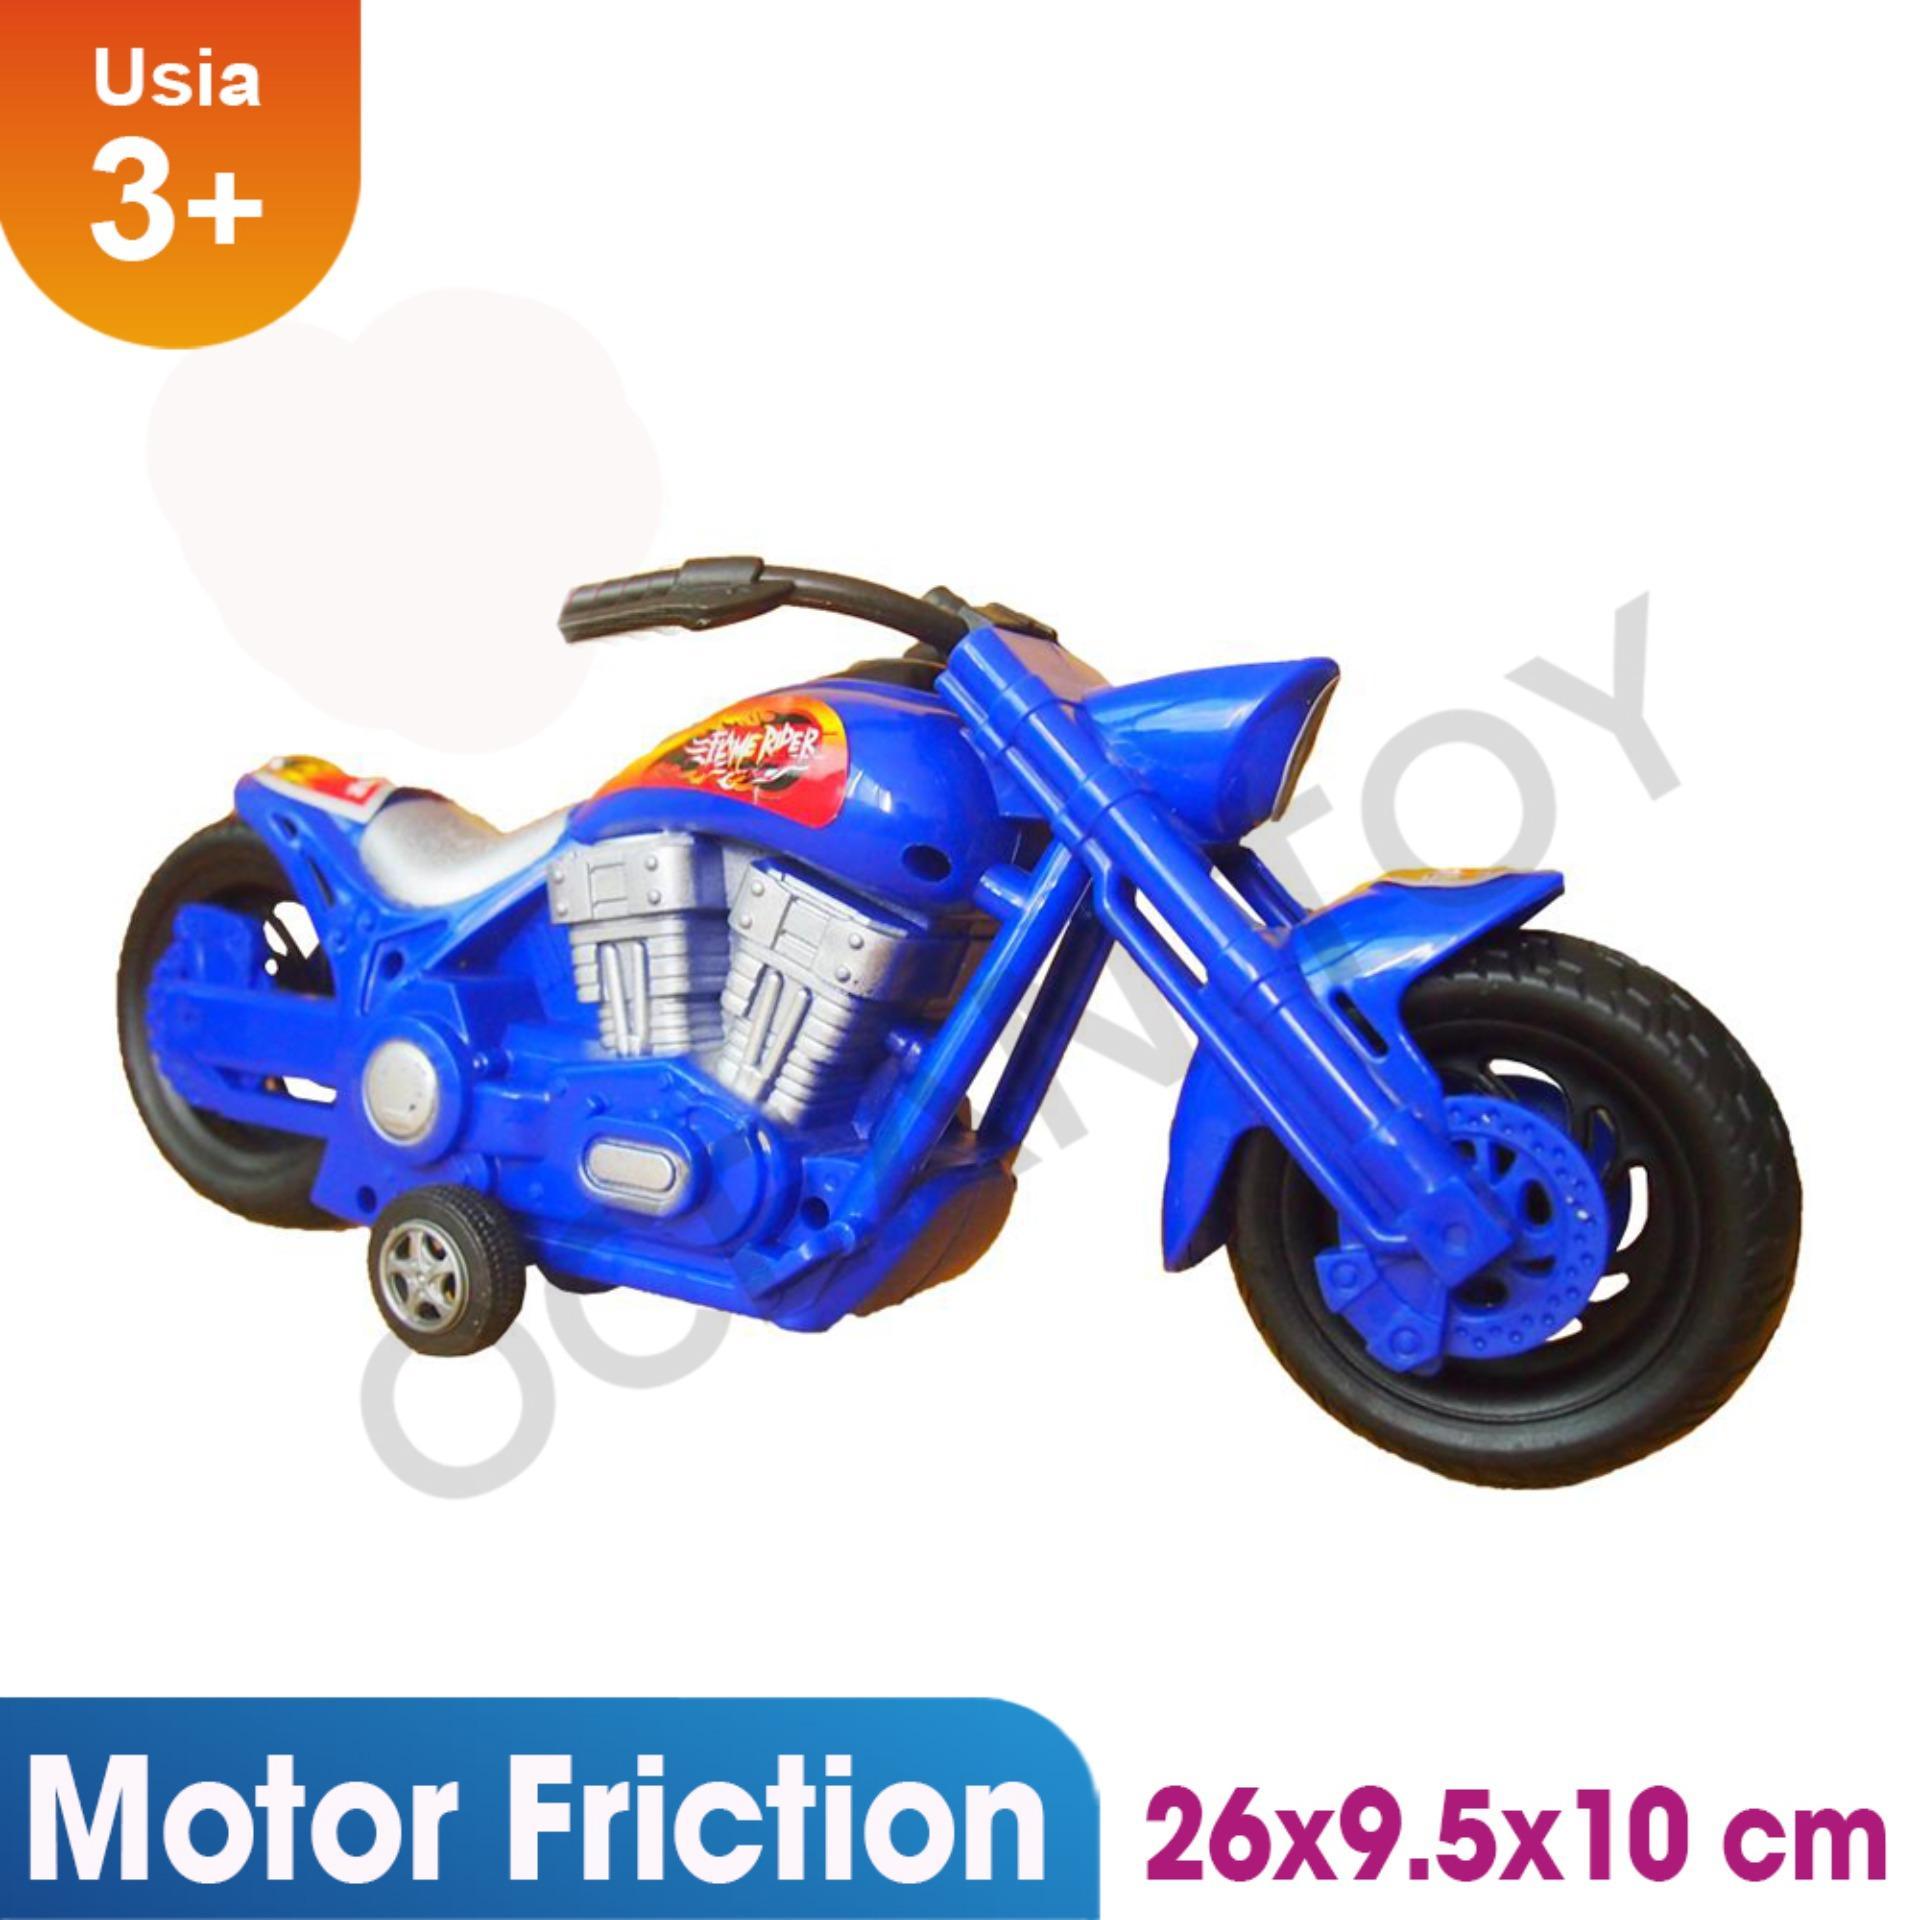 Toko Jual Ocean Toy Kereta Lokomotif Obeng Mainan Bongkar Pasang Terompet Motor Flame Rider Anak Oct5715 Multicolor